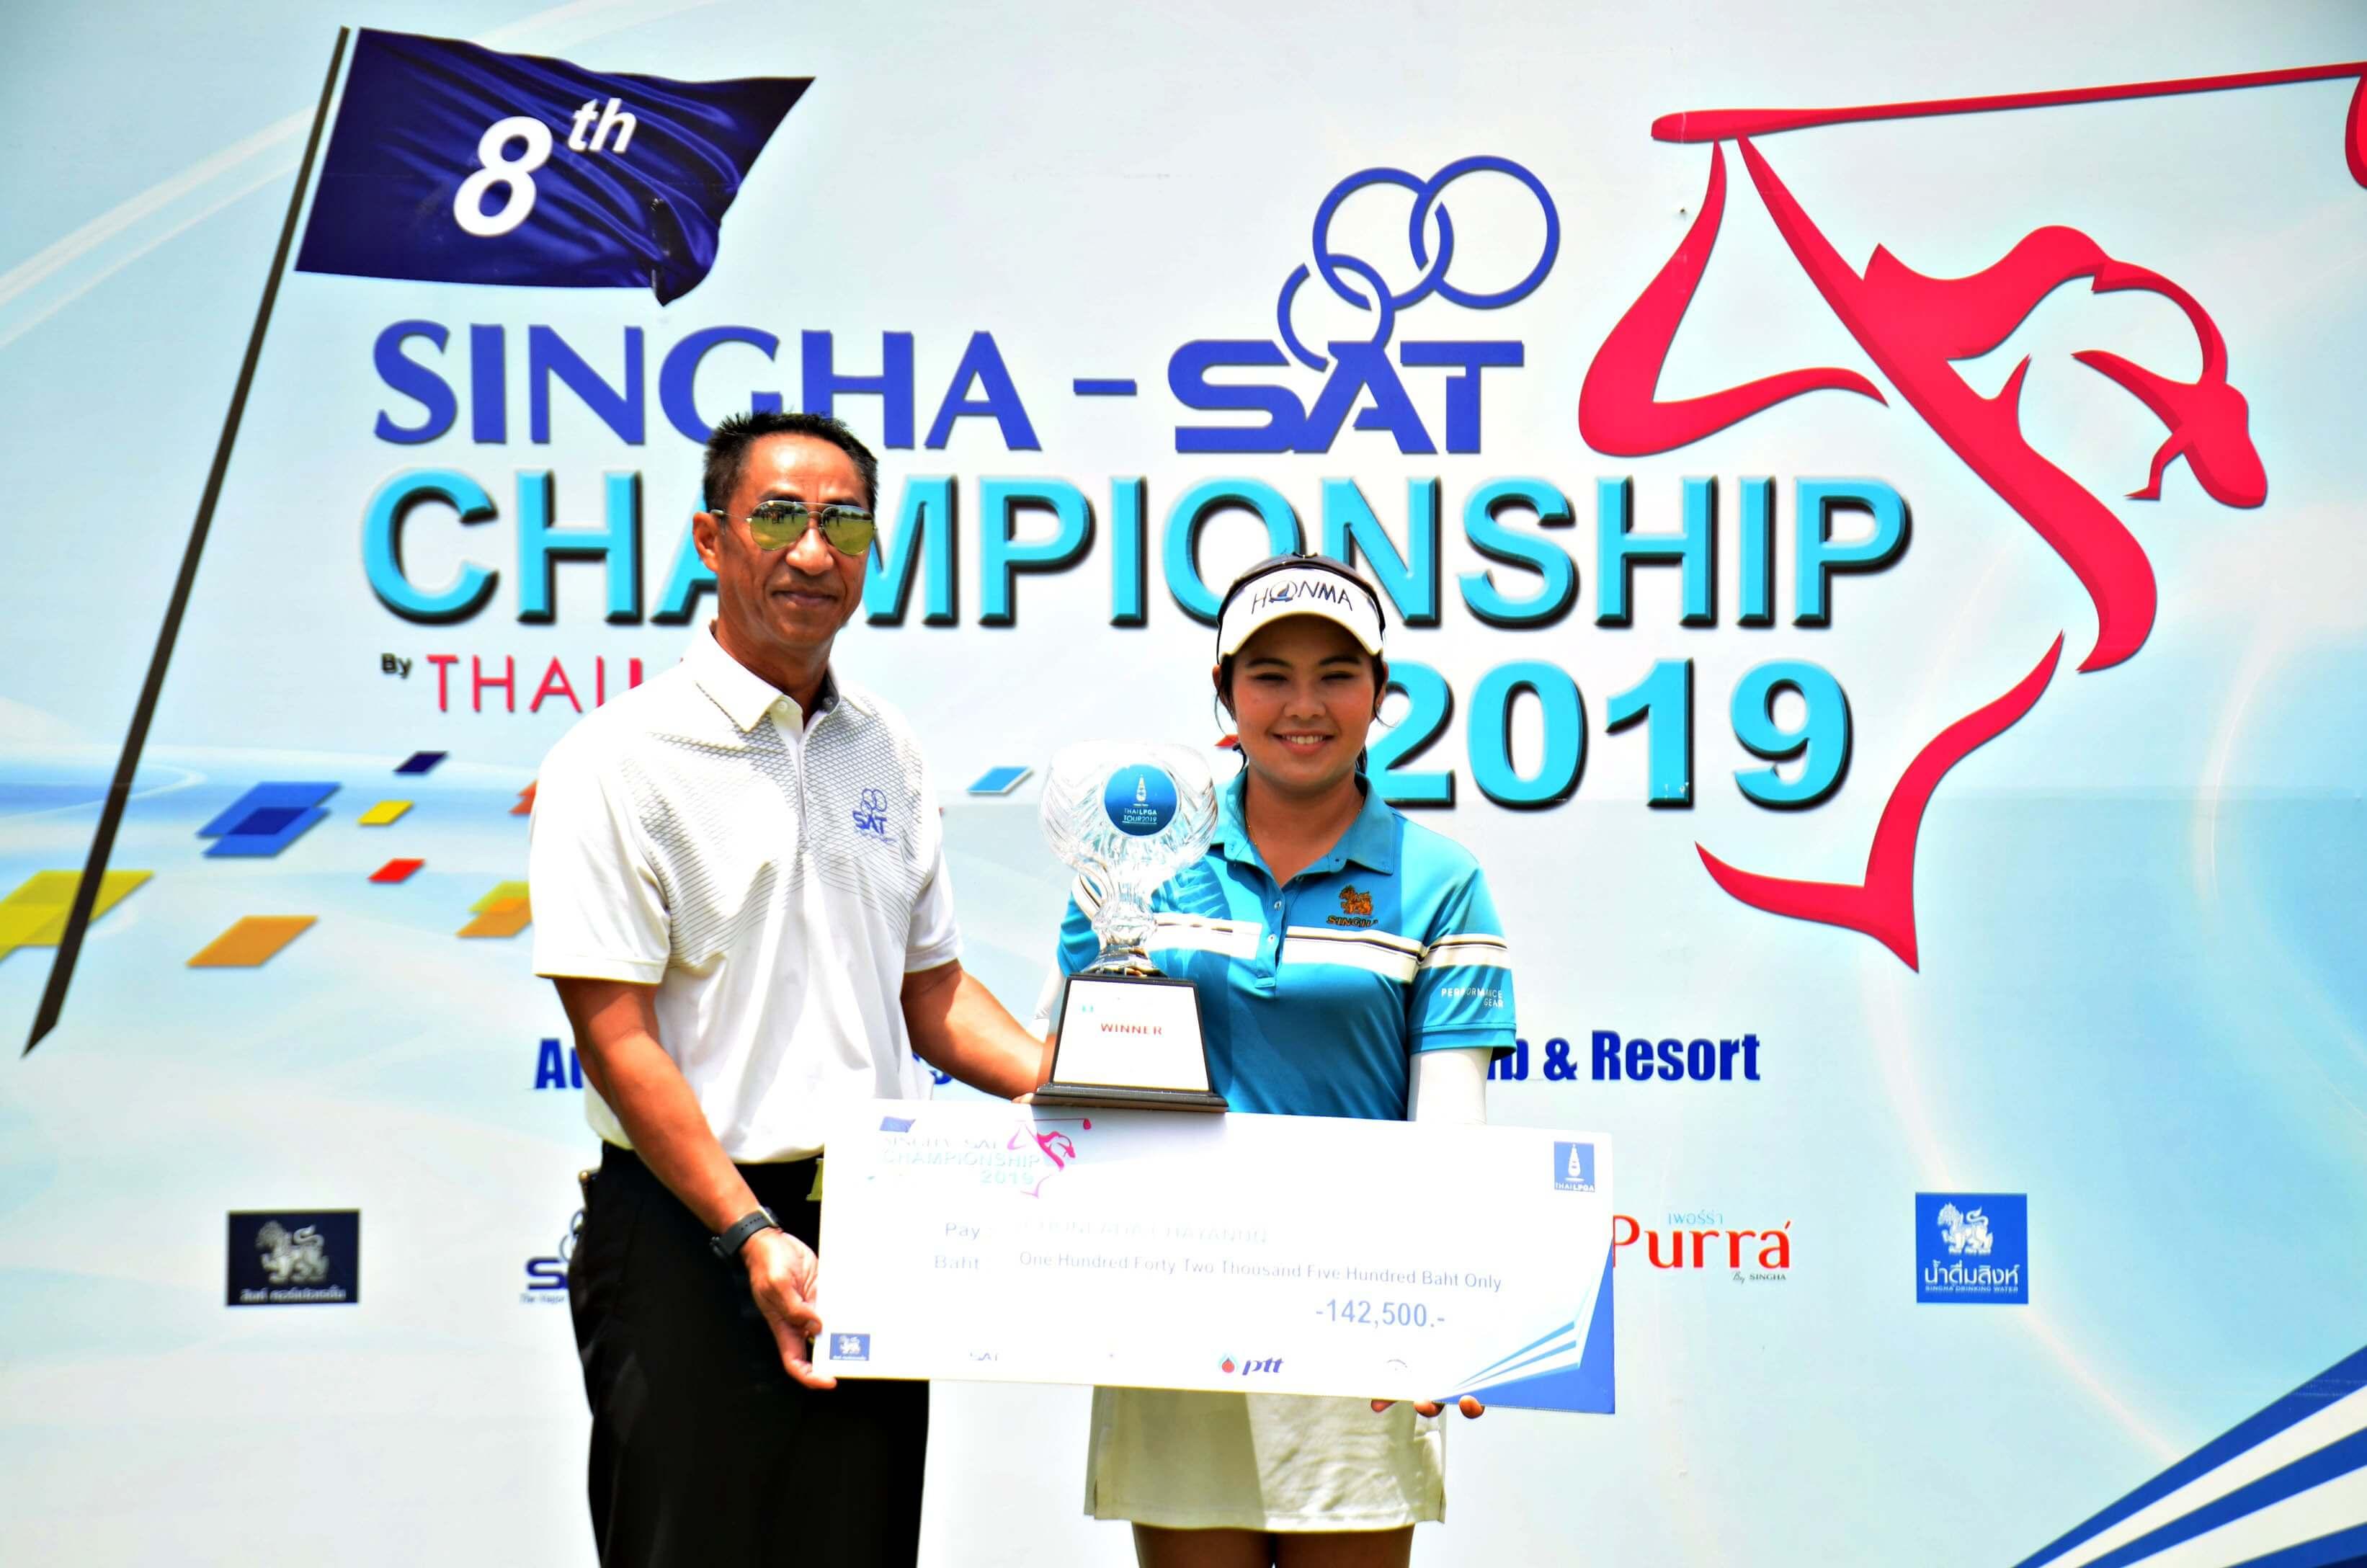 คุณพลัฏฐ์ สุวรรณเมธากร ผู้อำนวยการกองบริหารงาน และมาตรฐานกีฬาอาชีพ การกีฬาแห่งประเทศไทย มอบรางวัลชนะเลิศประเภทนักกอล์ฟอาชีพ แก่ ชลดา ชยณรรย์